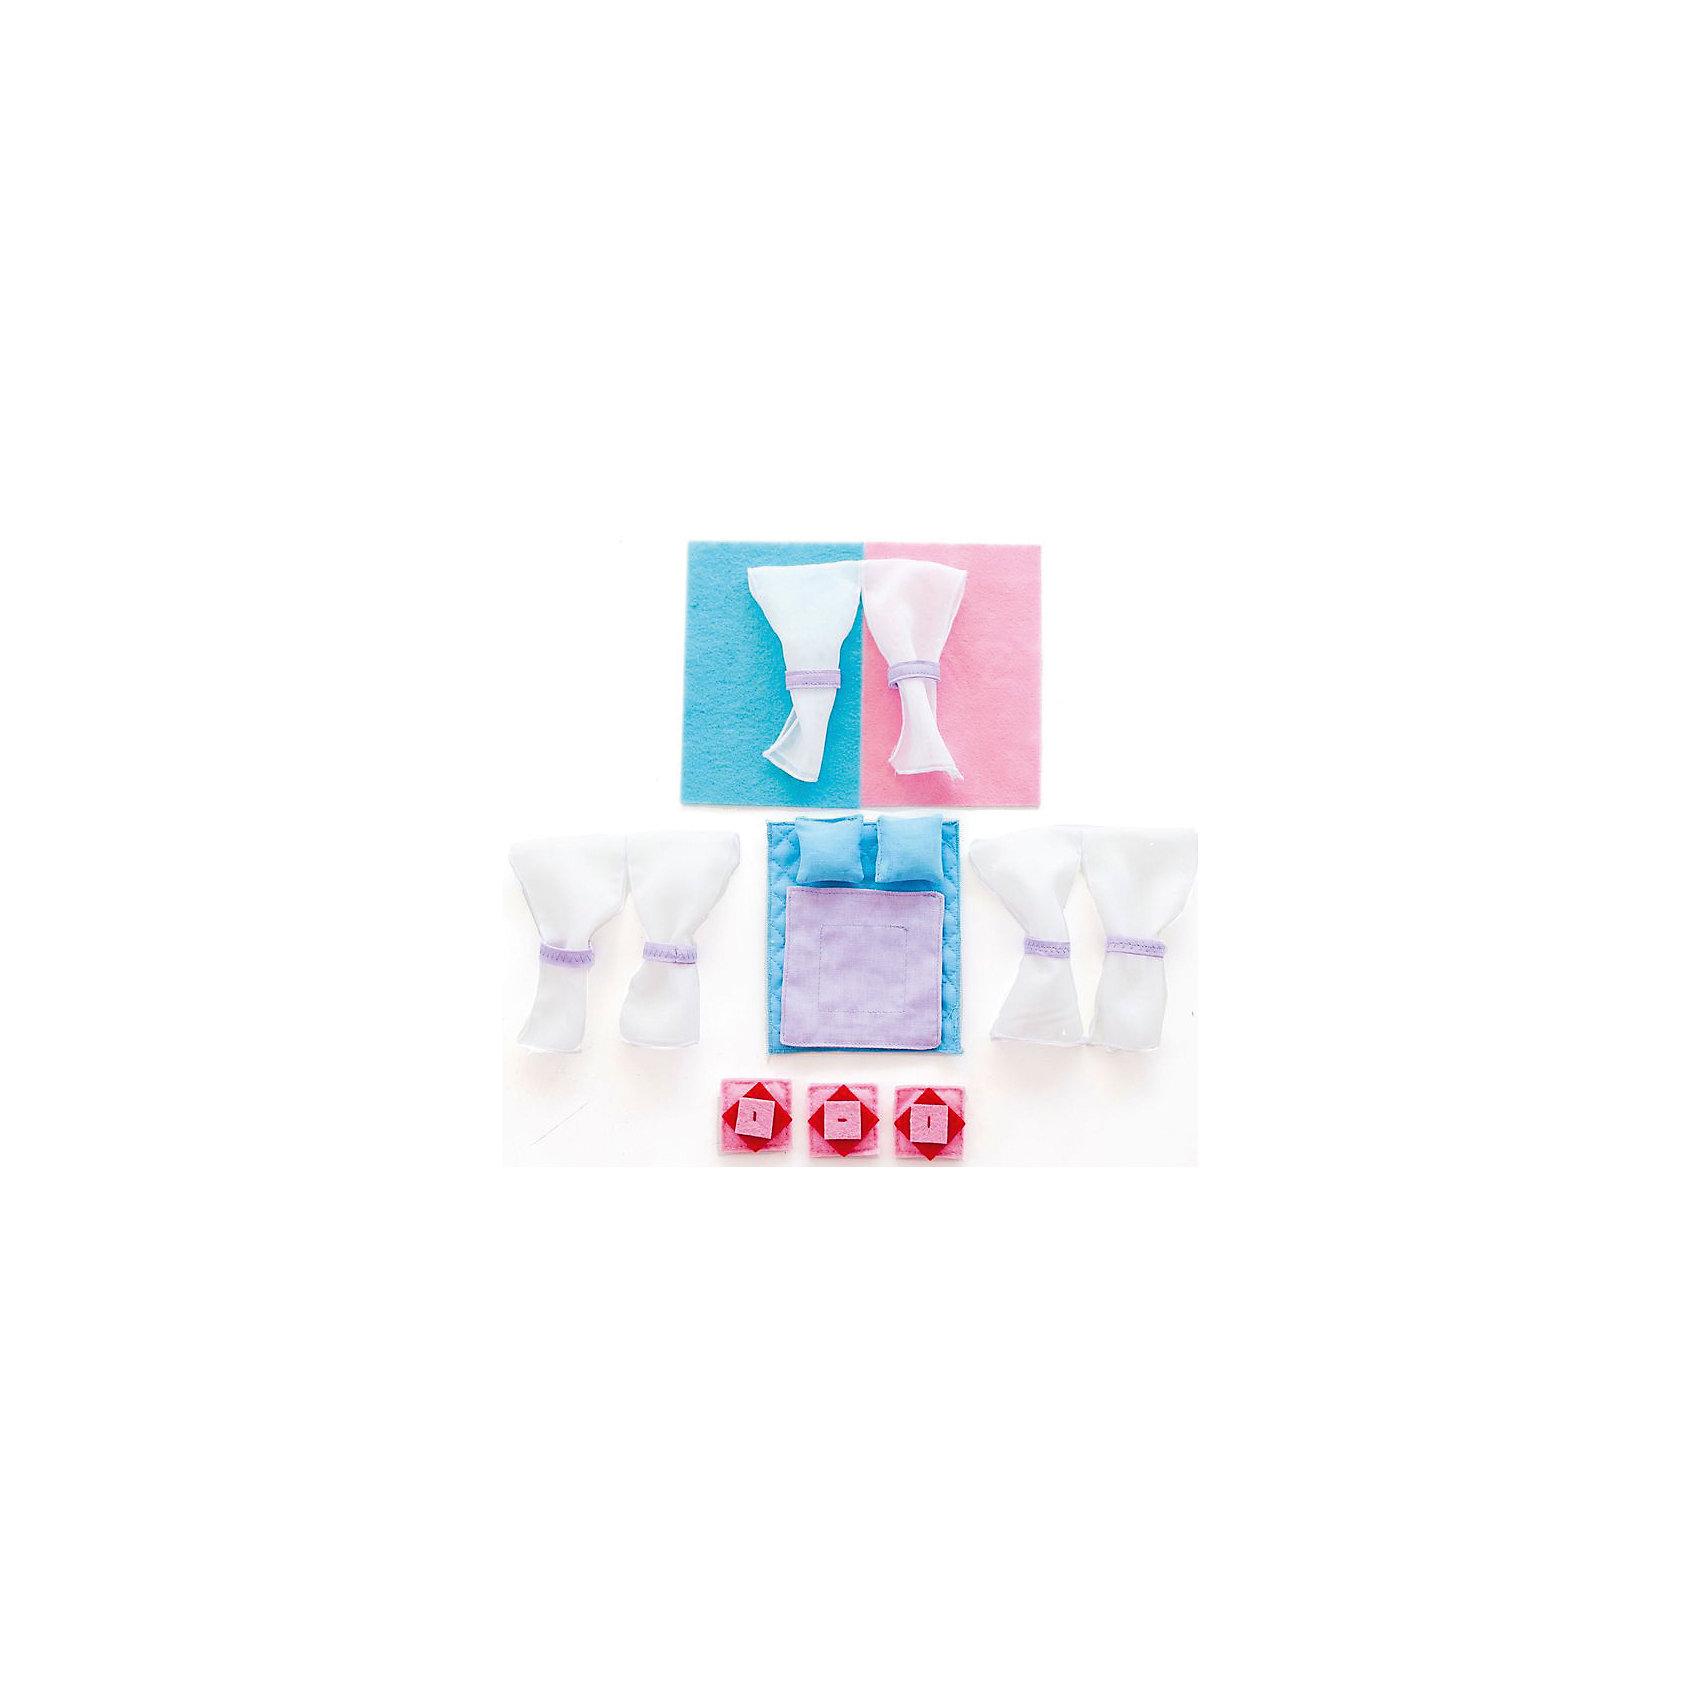 Набор текстиля для закрытых домиков Анастасия, PAREMOДомики и мебель<br>Набор текстиля для закрытых домиков Анастасия, PAREMO (Паремо).<br><br>Характеристики:<br><br>• Материал: текстиль<br>• Размер упаковки (см) 20х17х10<br>• Вес (кг) 0.1<br><br>В комплект входит 18 предметов:<br><br>• Для кукольной кровати - голубой матрас, сиреневое одеяло, 2 голубые подушки.<br>• Для дивана - 3 розовые подушки с красными вставками.<br>• Голубой коврик в спальню.<br>• Розовый коврик в гостиную.<br>• 3 комплекта штор с 6-ю подвязками для каждой шторки.<br>С таким набором текстиля прелестный домик «Анастасия» примет законченный вид.<br><br>Мягкие подушечки, постельные принадлежности, а также коврики и шторы создадут теплую уютную атмосферу игрушечного домика. Ваша девочка почувствует себя настоящей хозяйкой очаровательного домика!<br><br>Набор текстиля для закрытых домиков Анастасия, PAREMO (Паремо), можно купить в нашем интернет – магазине.<br><br>Ширина мм: 170<br>Глубина мм: 200<br>Высота мм: 10<br>Вес г: 100<br>Возраст от месяцев: 36<br>Возраст до месяцев: 120<br>Пол: Женский<br>Возраст: Детский<br>SKU: 4979524